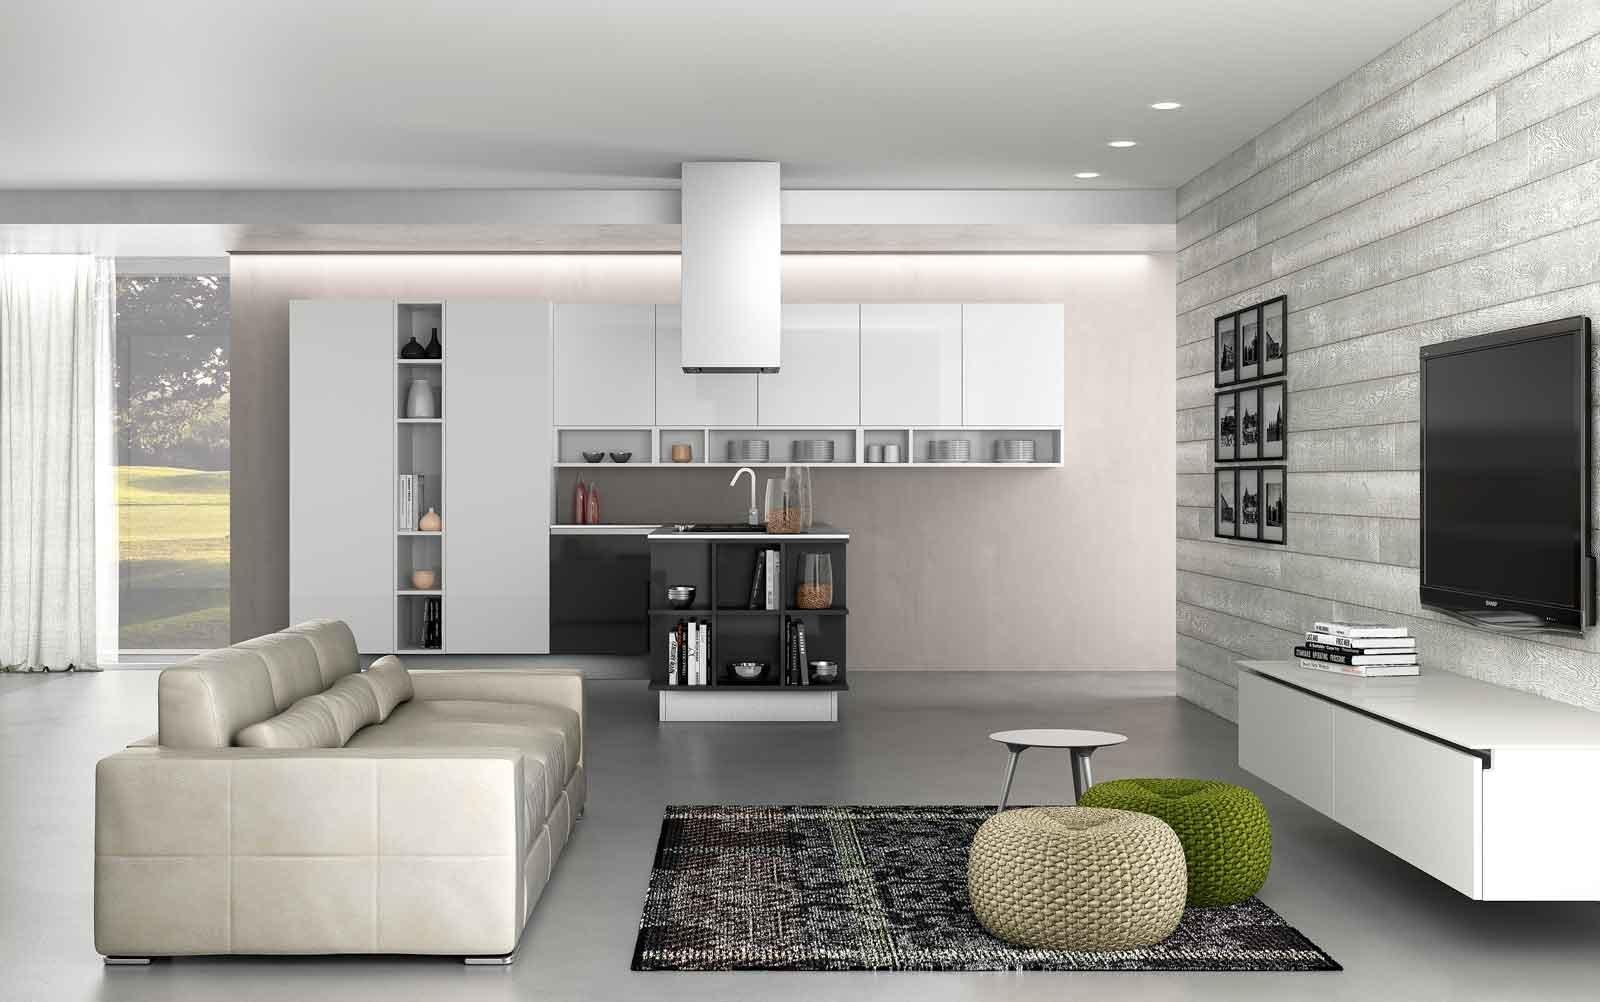 Cucina e soggiorno in un unico ambiente 3 stili cose di for Mobili stile contemporaneo moderno